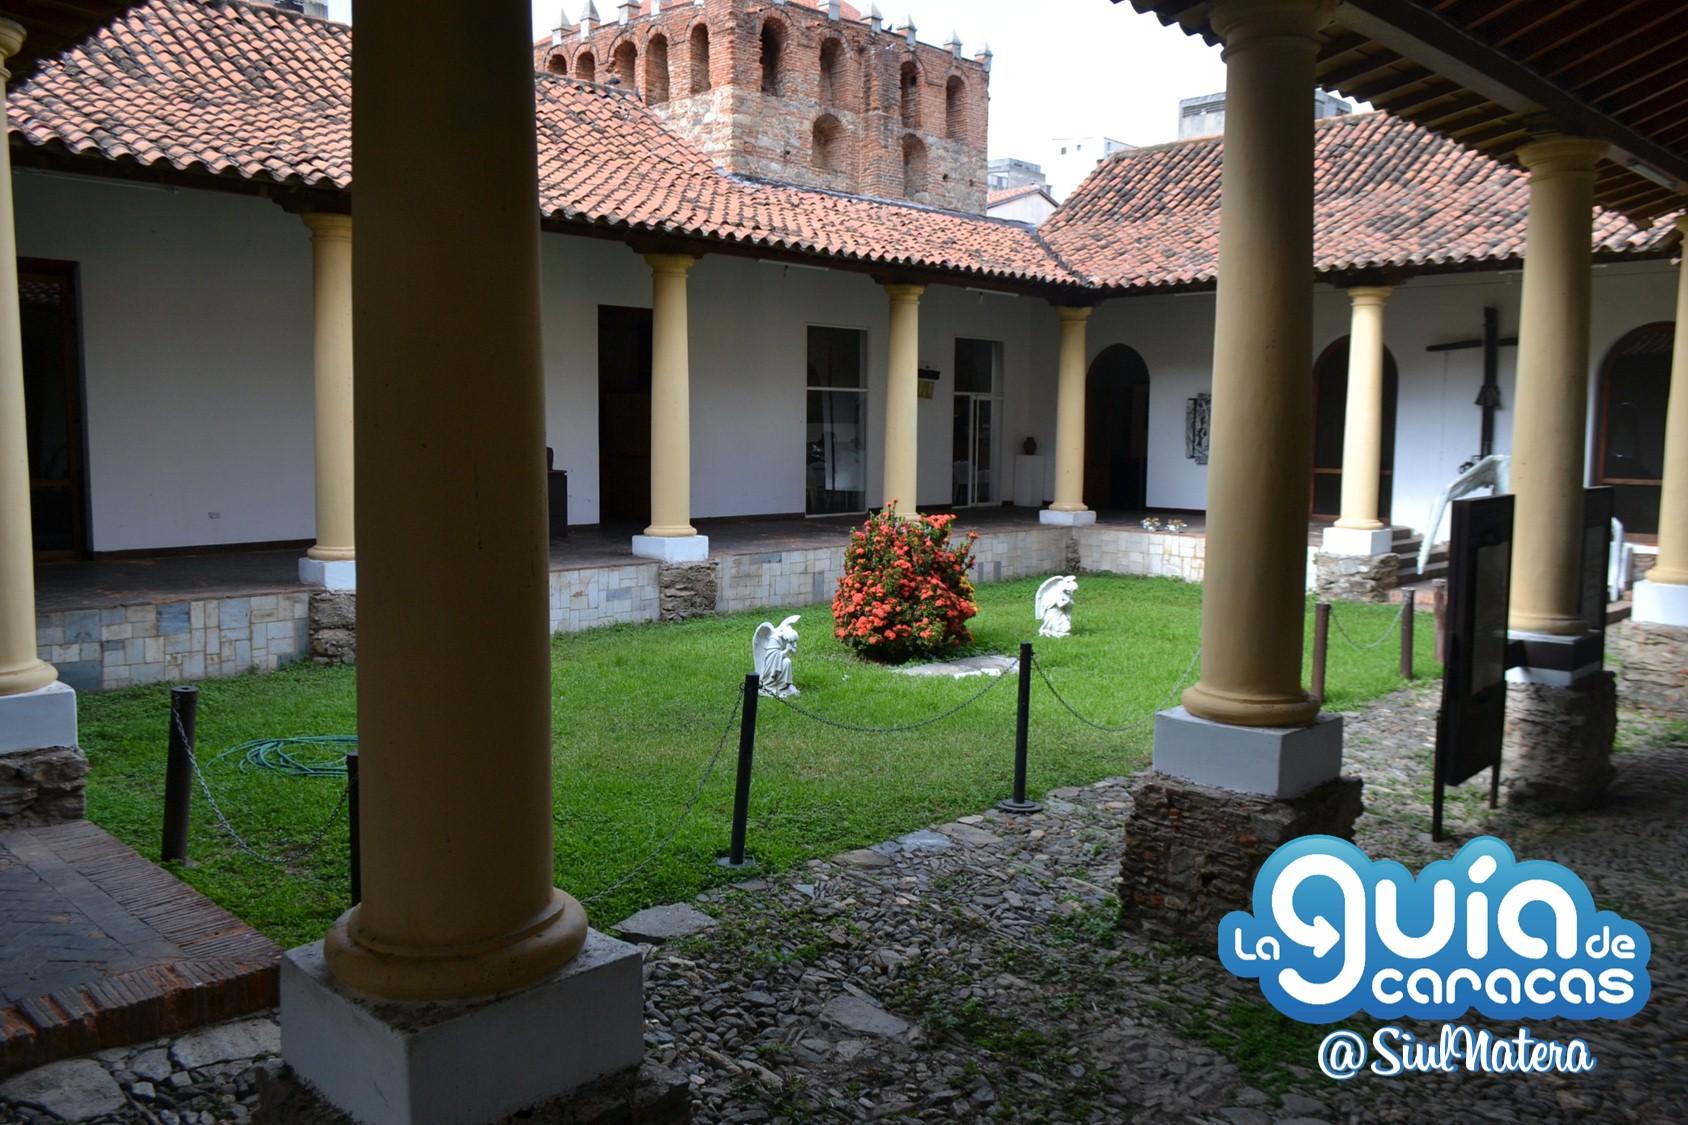 Museo Sacro de Caracas · La Guía de Caracas